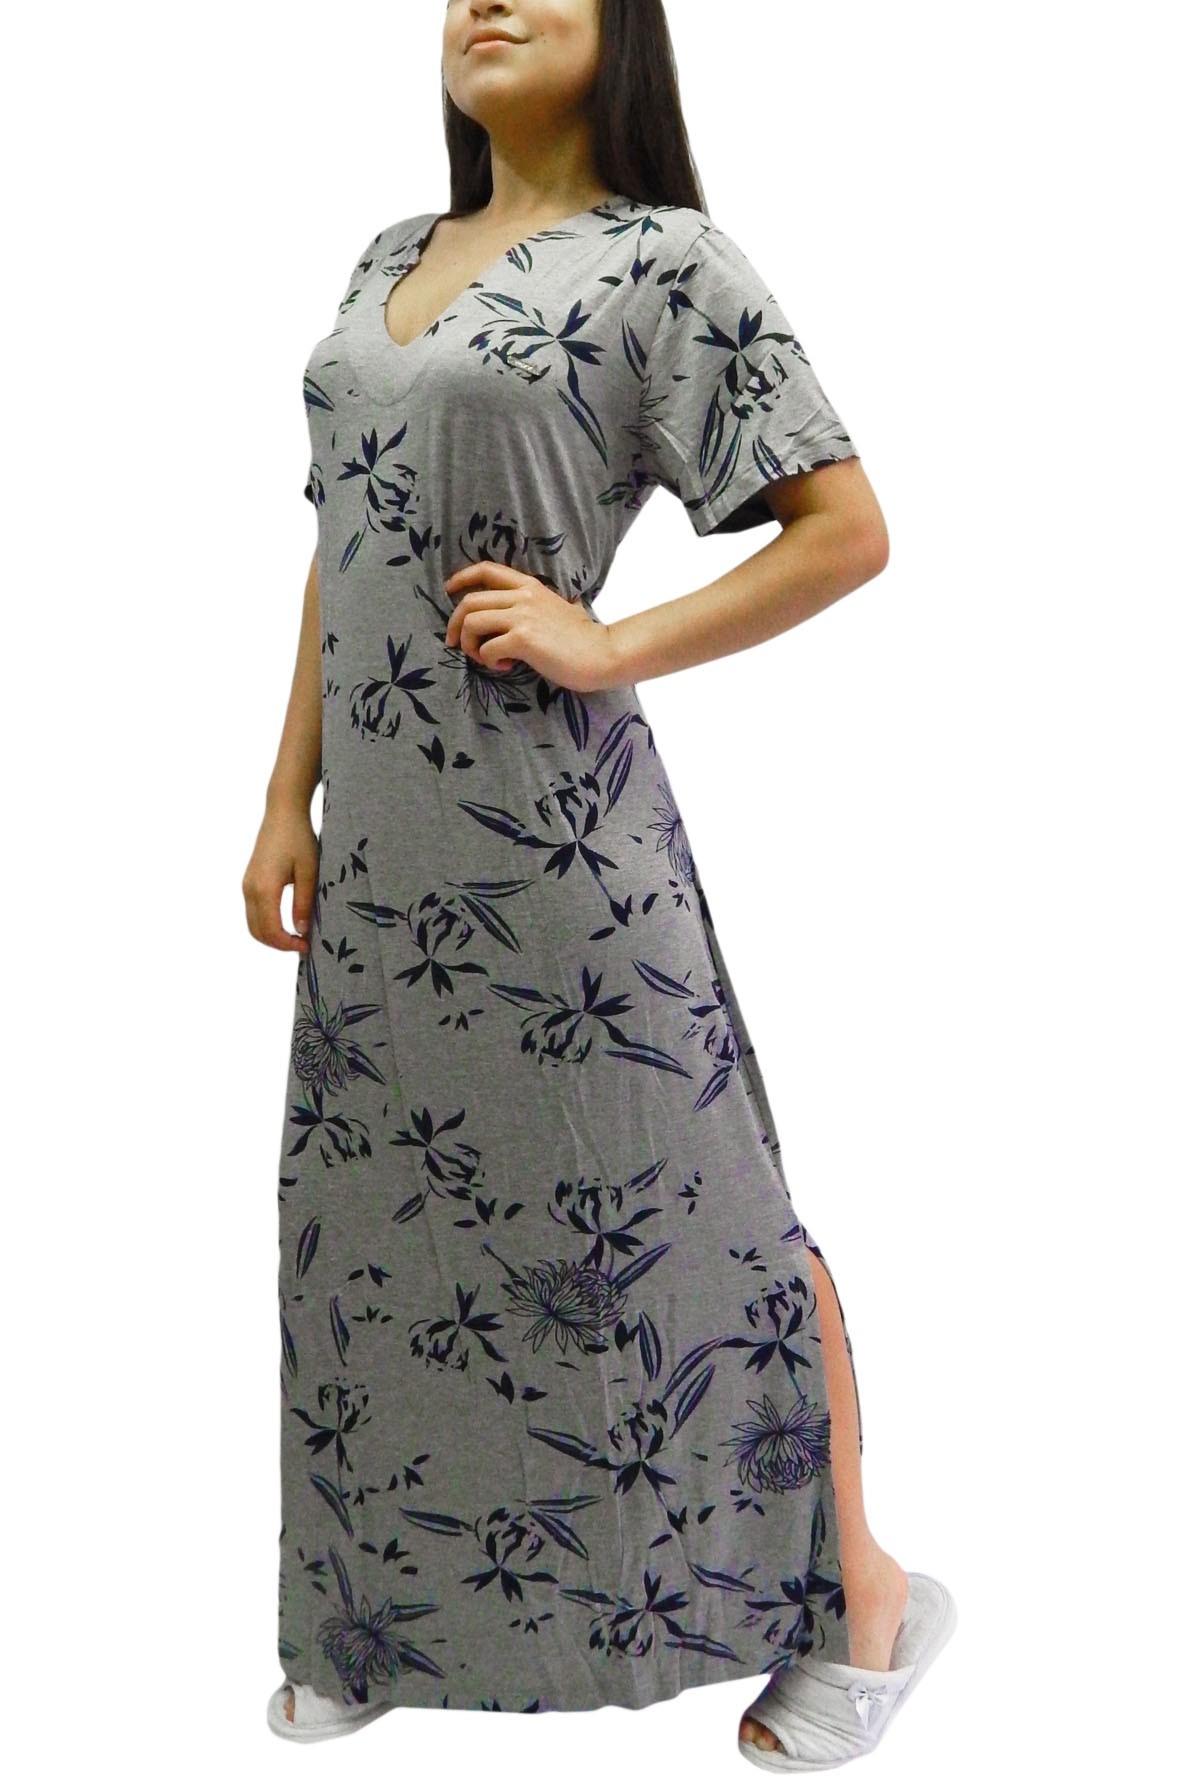 Camisola Longa de manga curta solta em Visco Foxx 263357